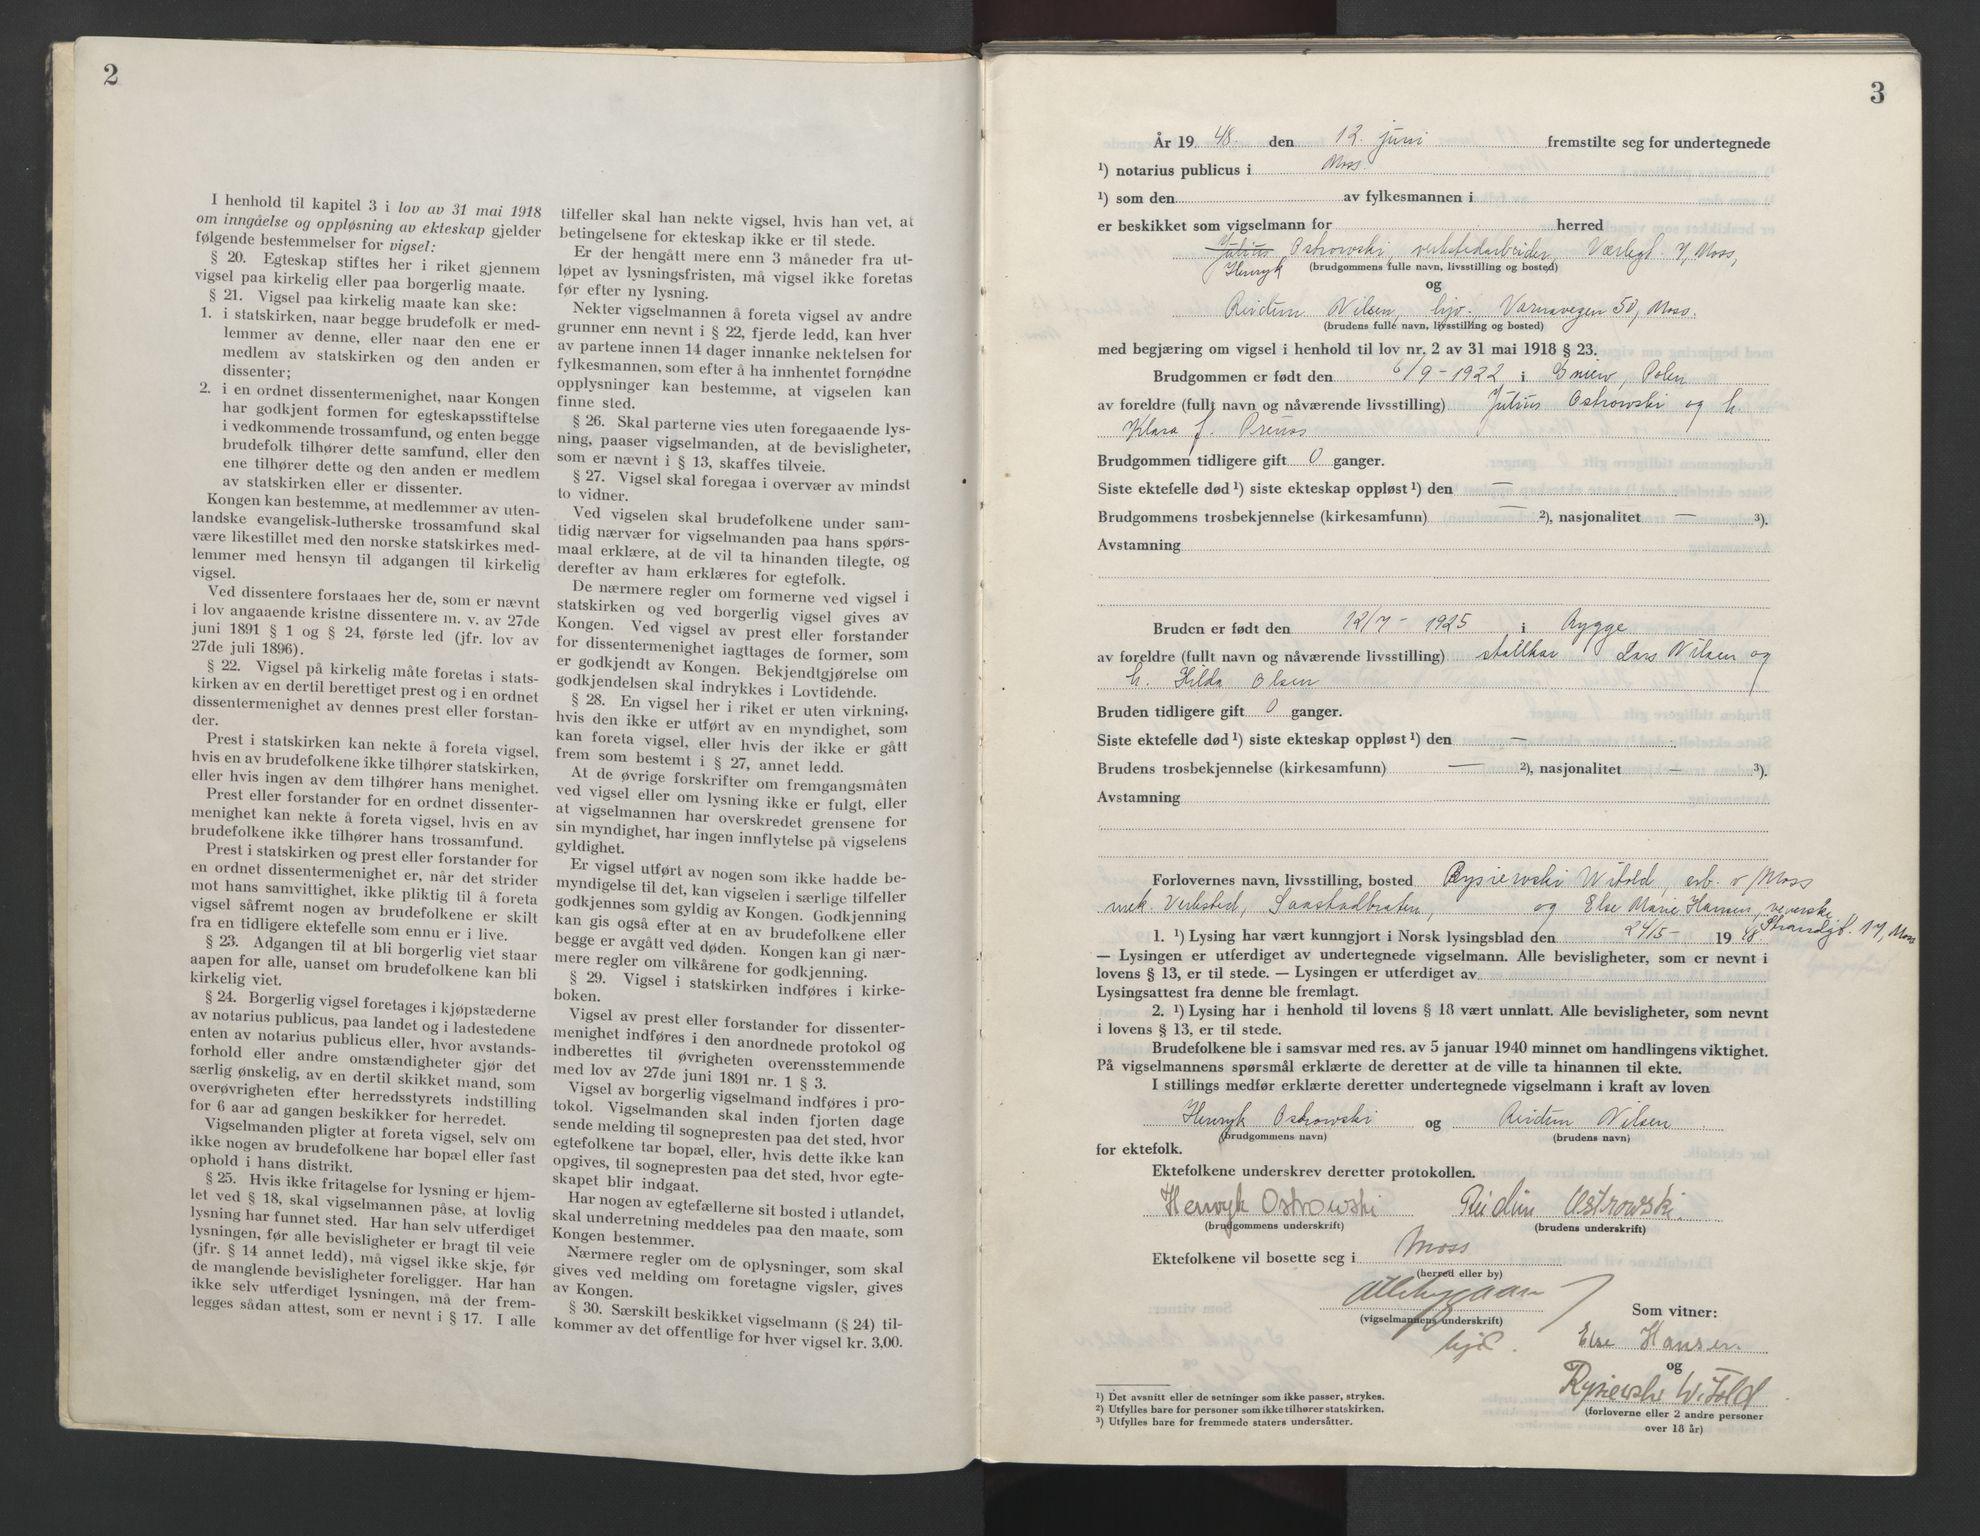 SAO, Moss sorenskriveri, 1948-1951, s. 2-3